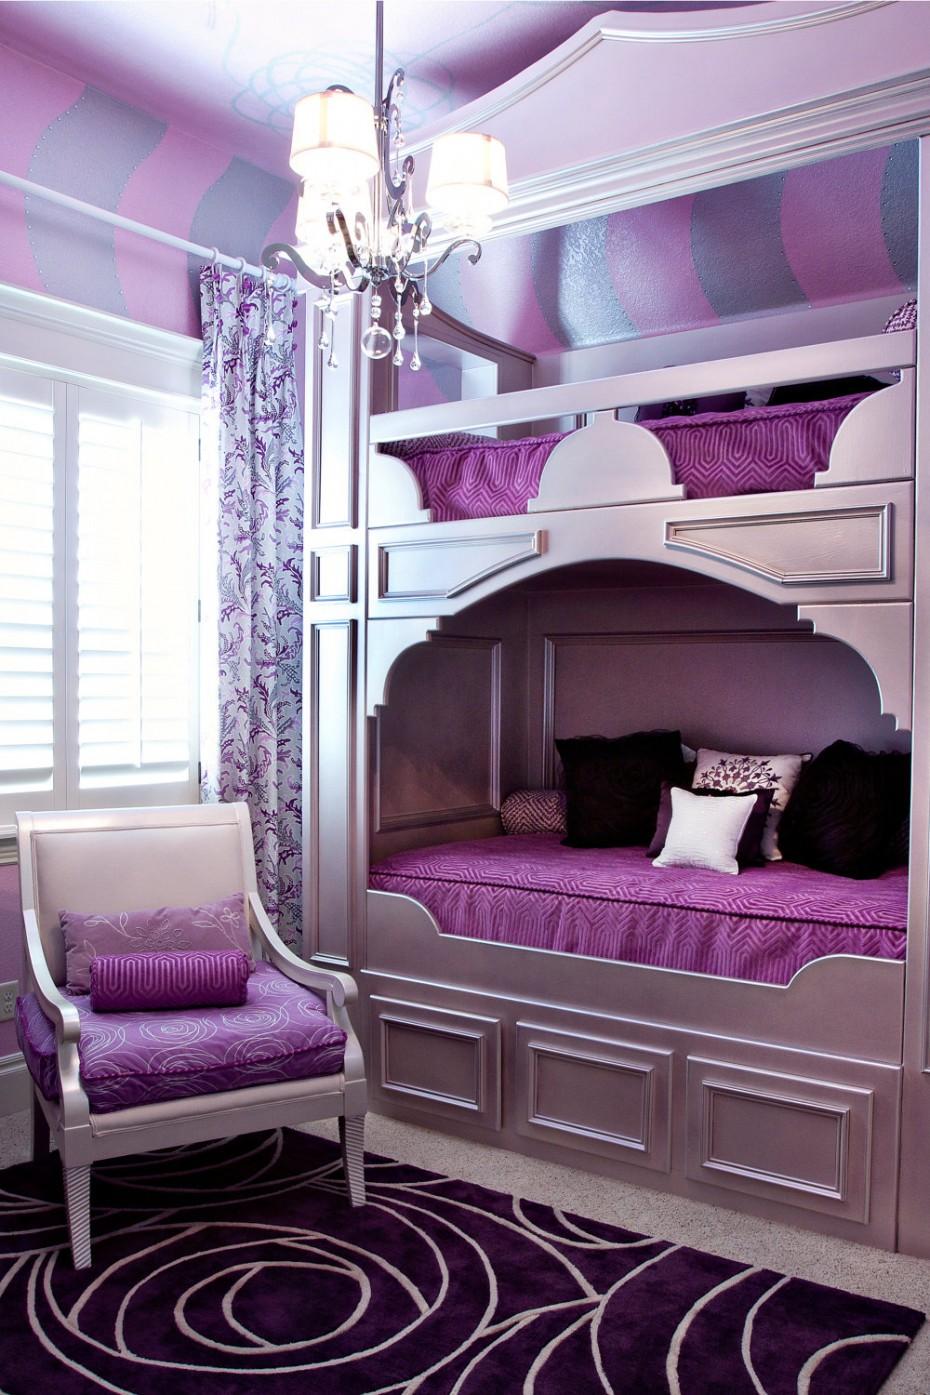 amal alamuddin inspired interior design chair purble ديكورات منازل مستوحاة من فستان أمل علم الدين